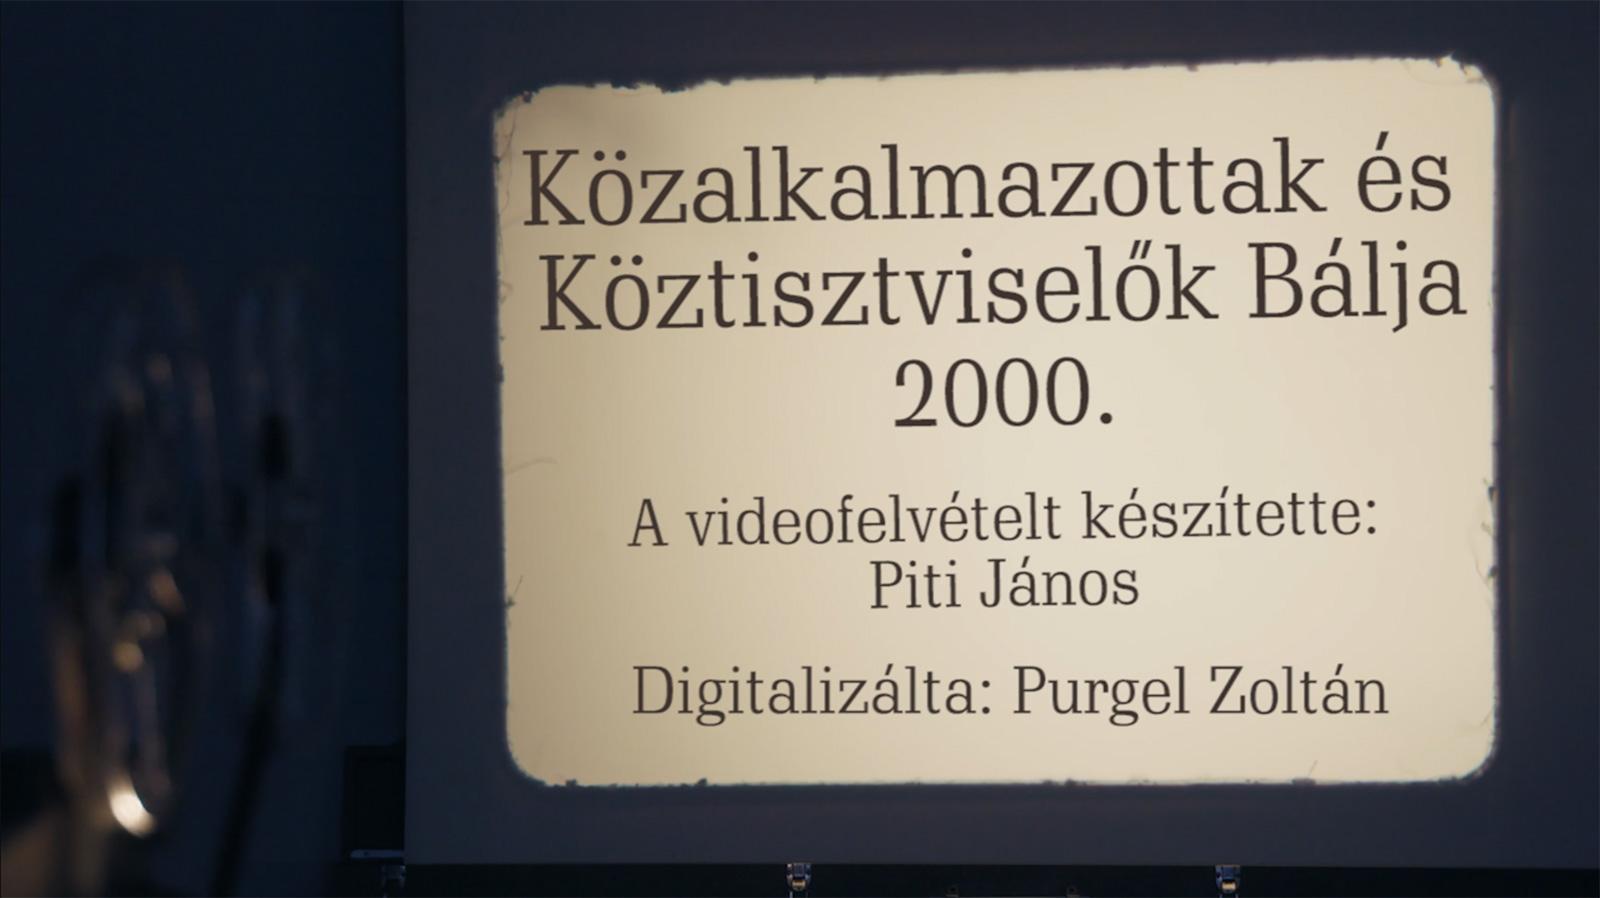 Közalkalmazottak és Köztisztviselők bálja – 2000.